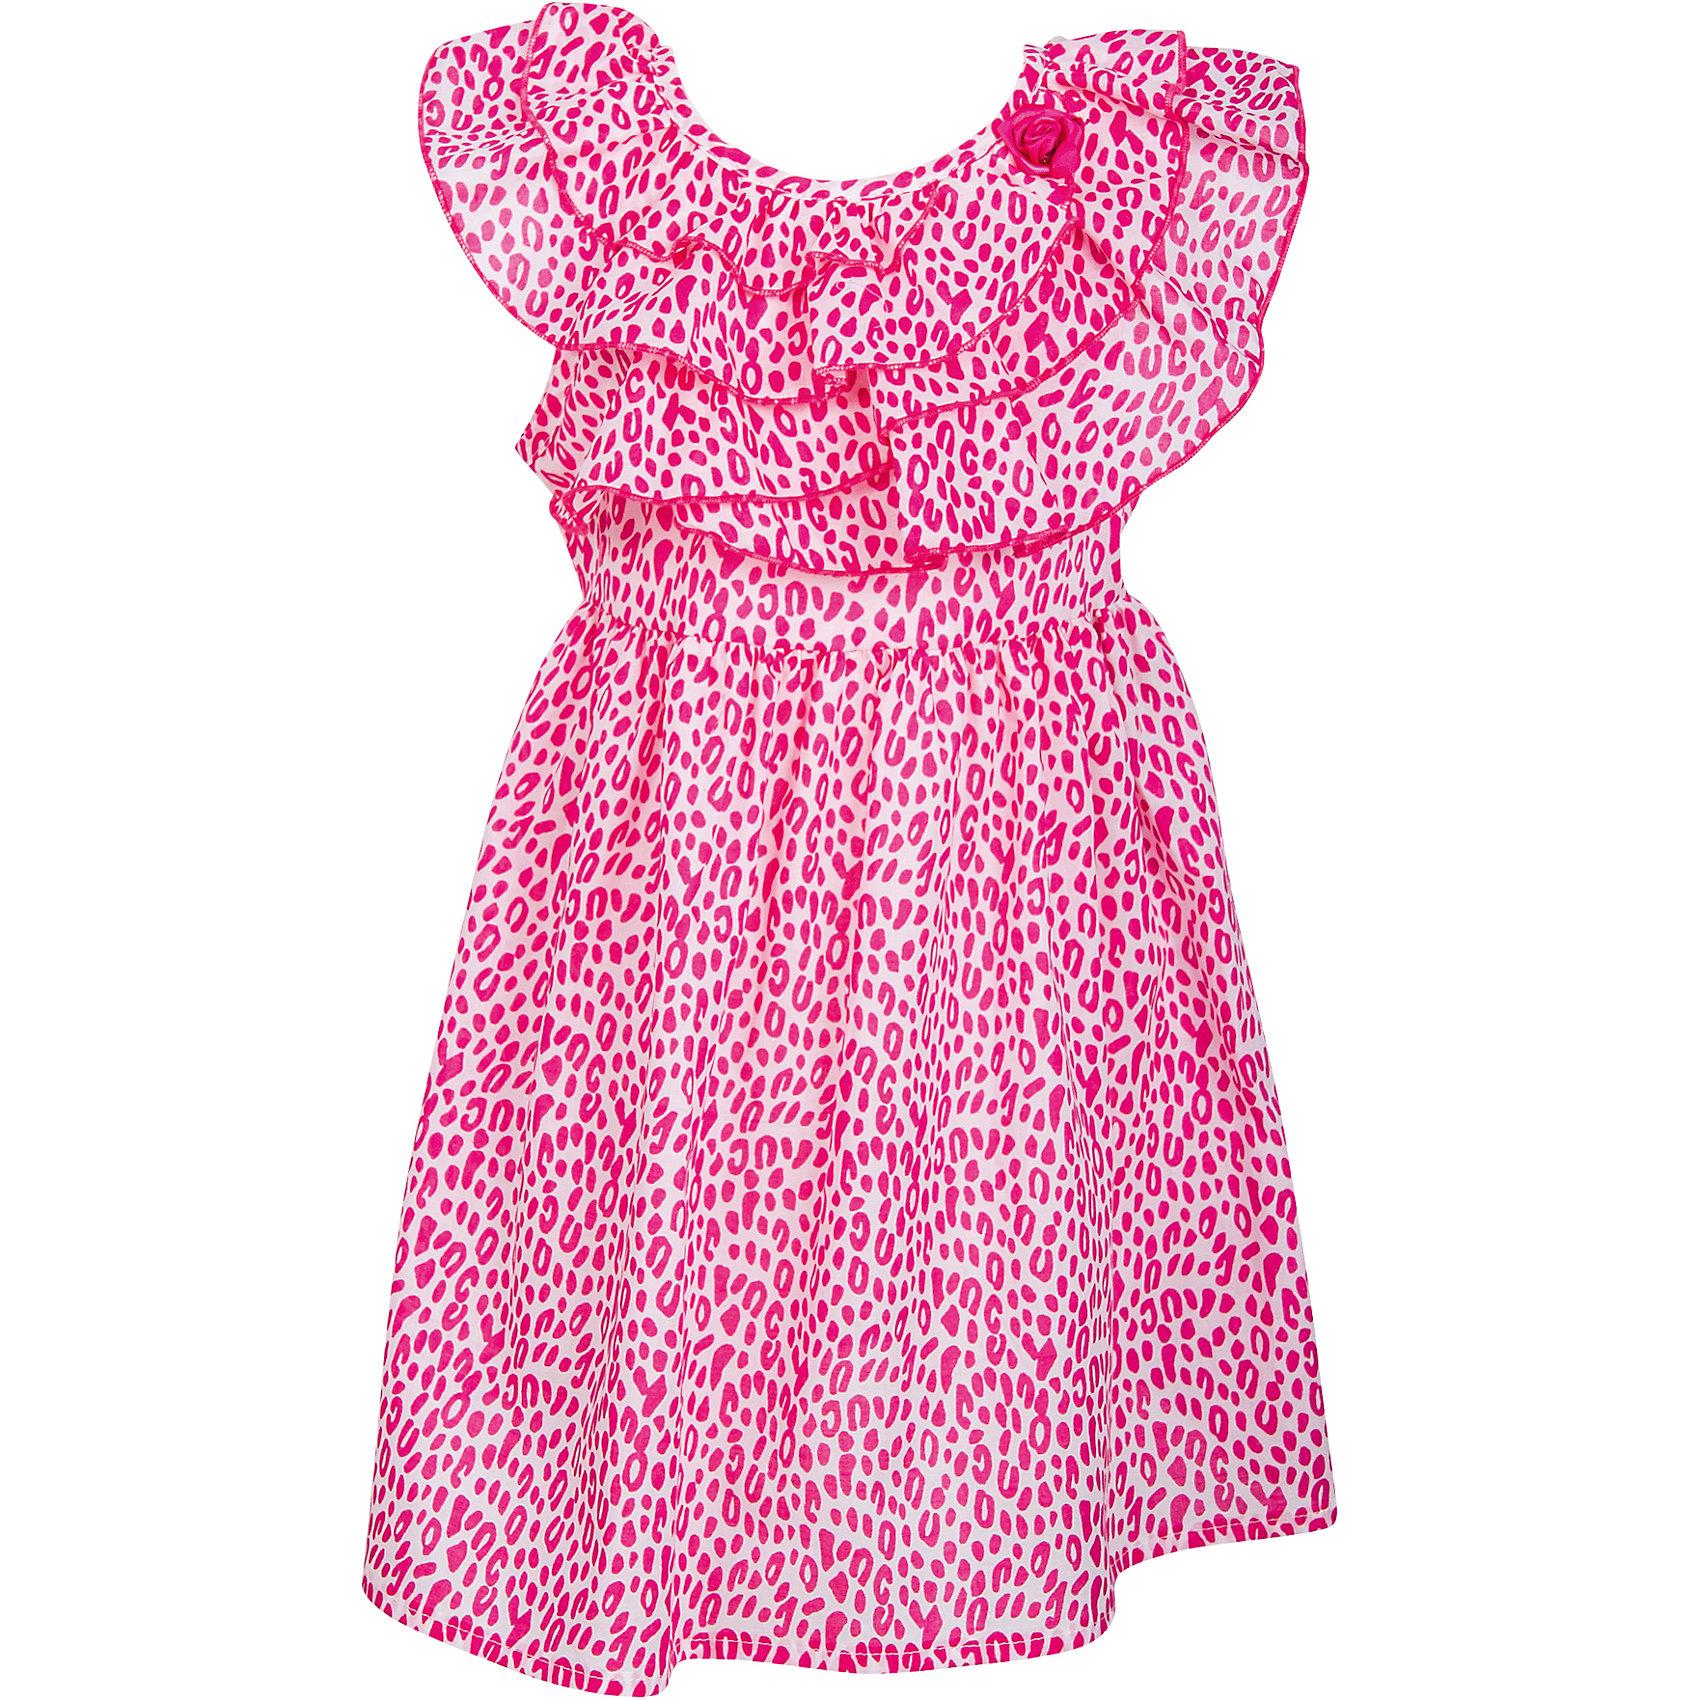 Платье для девочки Bell BimboПлатье для девочки от марки Bell Bimbo.<br>Набивное платье украшено воланами, на спинке застежка на молнии.<br>Состав:<br>поплин 100%хлопок<br><br>Ширина мм: 236<br>Глубина мм: 16<br>Высота мм: 184<br>Вес г: 177<br>Цвет: розовый<br>Возраст от месяцев: 24<br>Возраст до месяцев: 36<br>Пол: Женский<br>Возраст: Детский<br>Размер: 98,110,104,116,122<br>SKU: 4578790